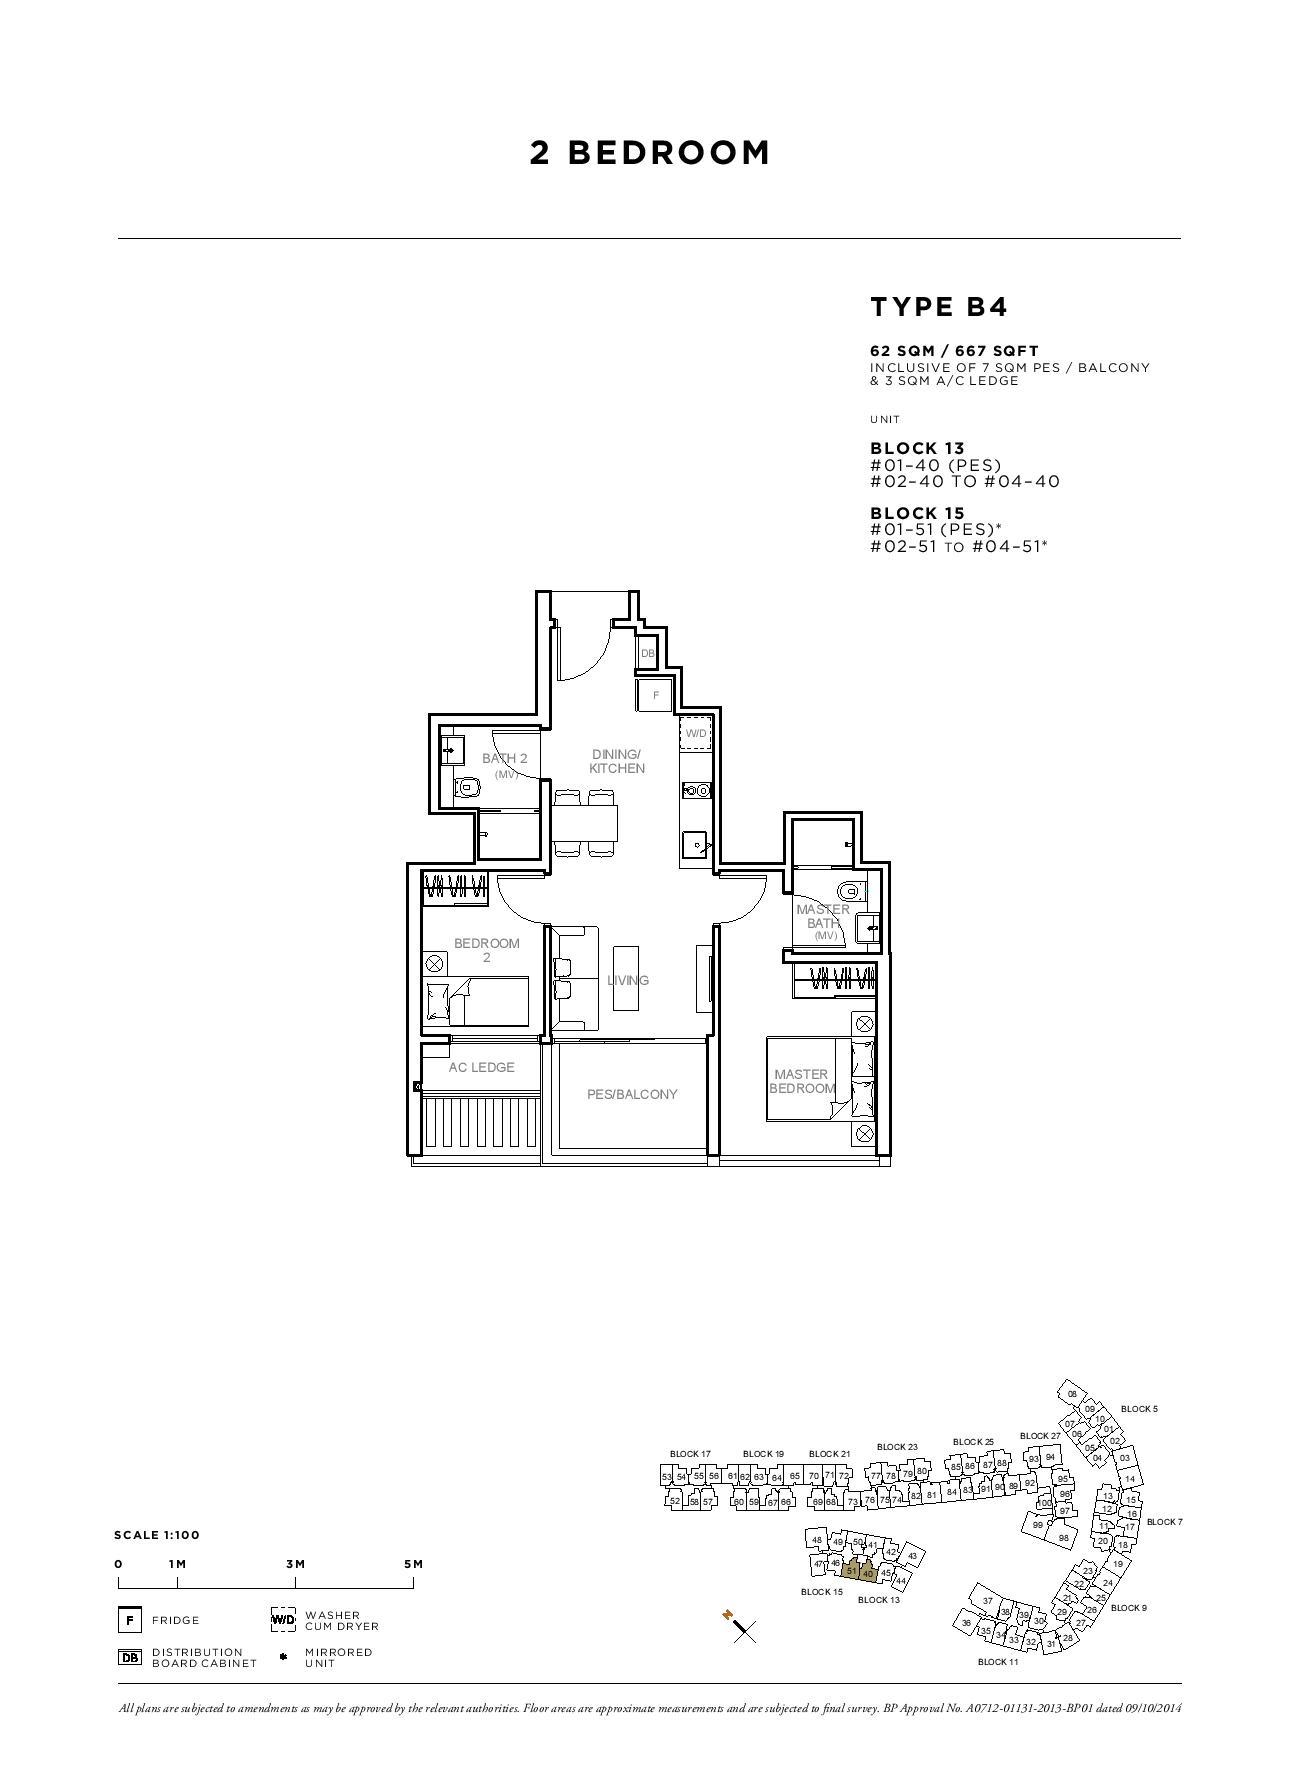 Sophia Hills 2 Bedroom Type B4 Floor Plans